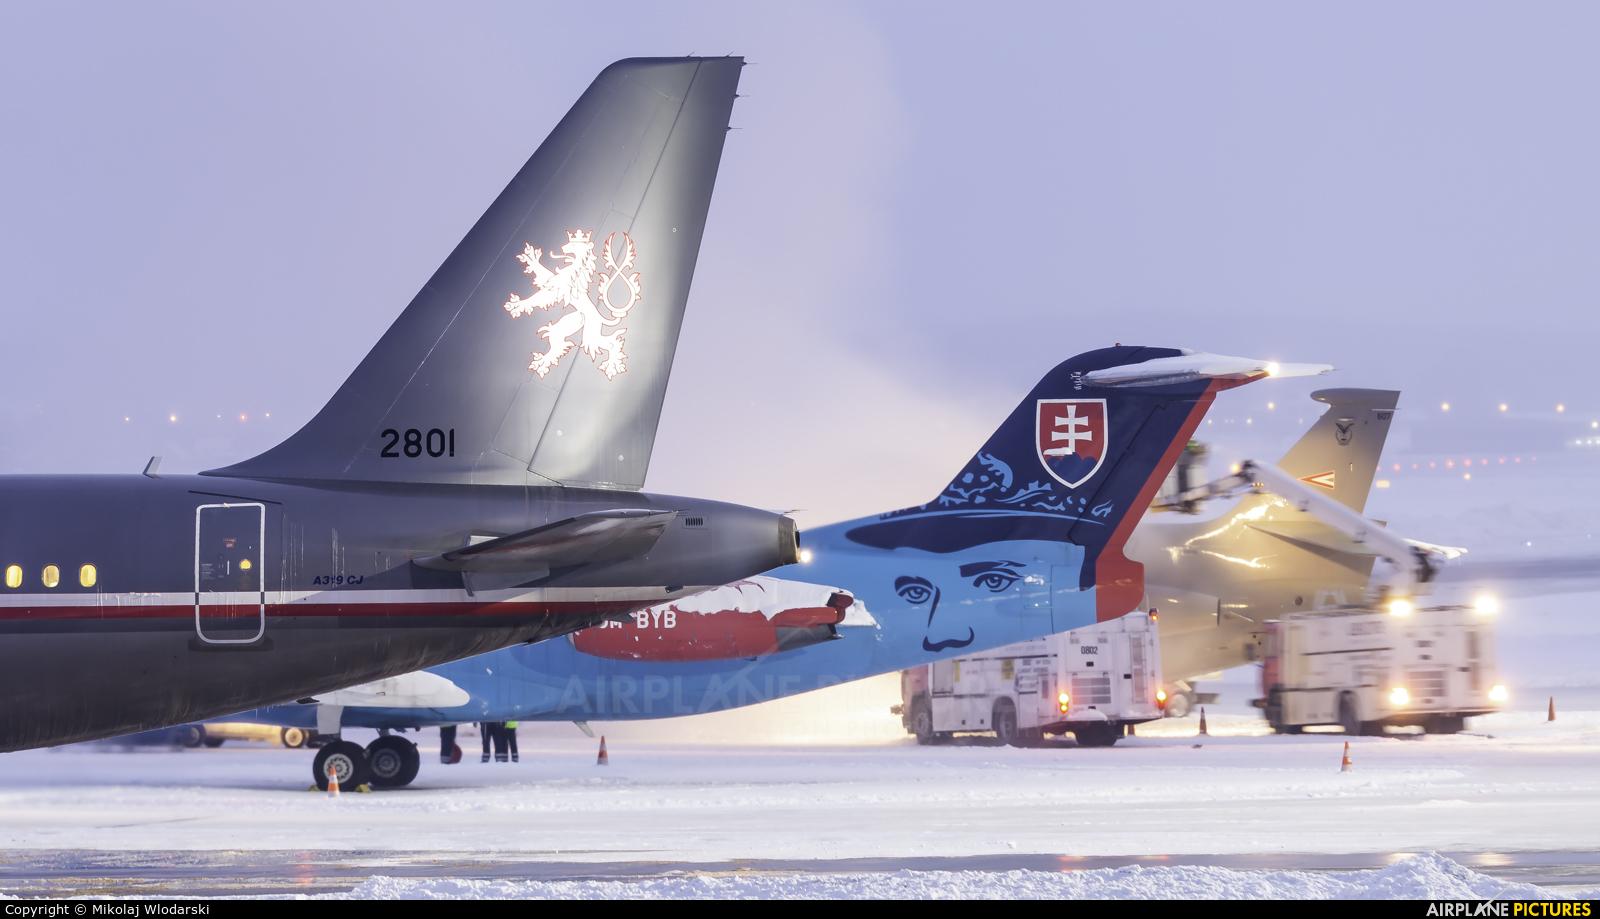 Czech - Air Force 2801 aircraft at Gdańsk - Lech Wałęsa